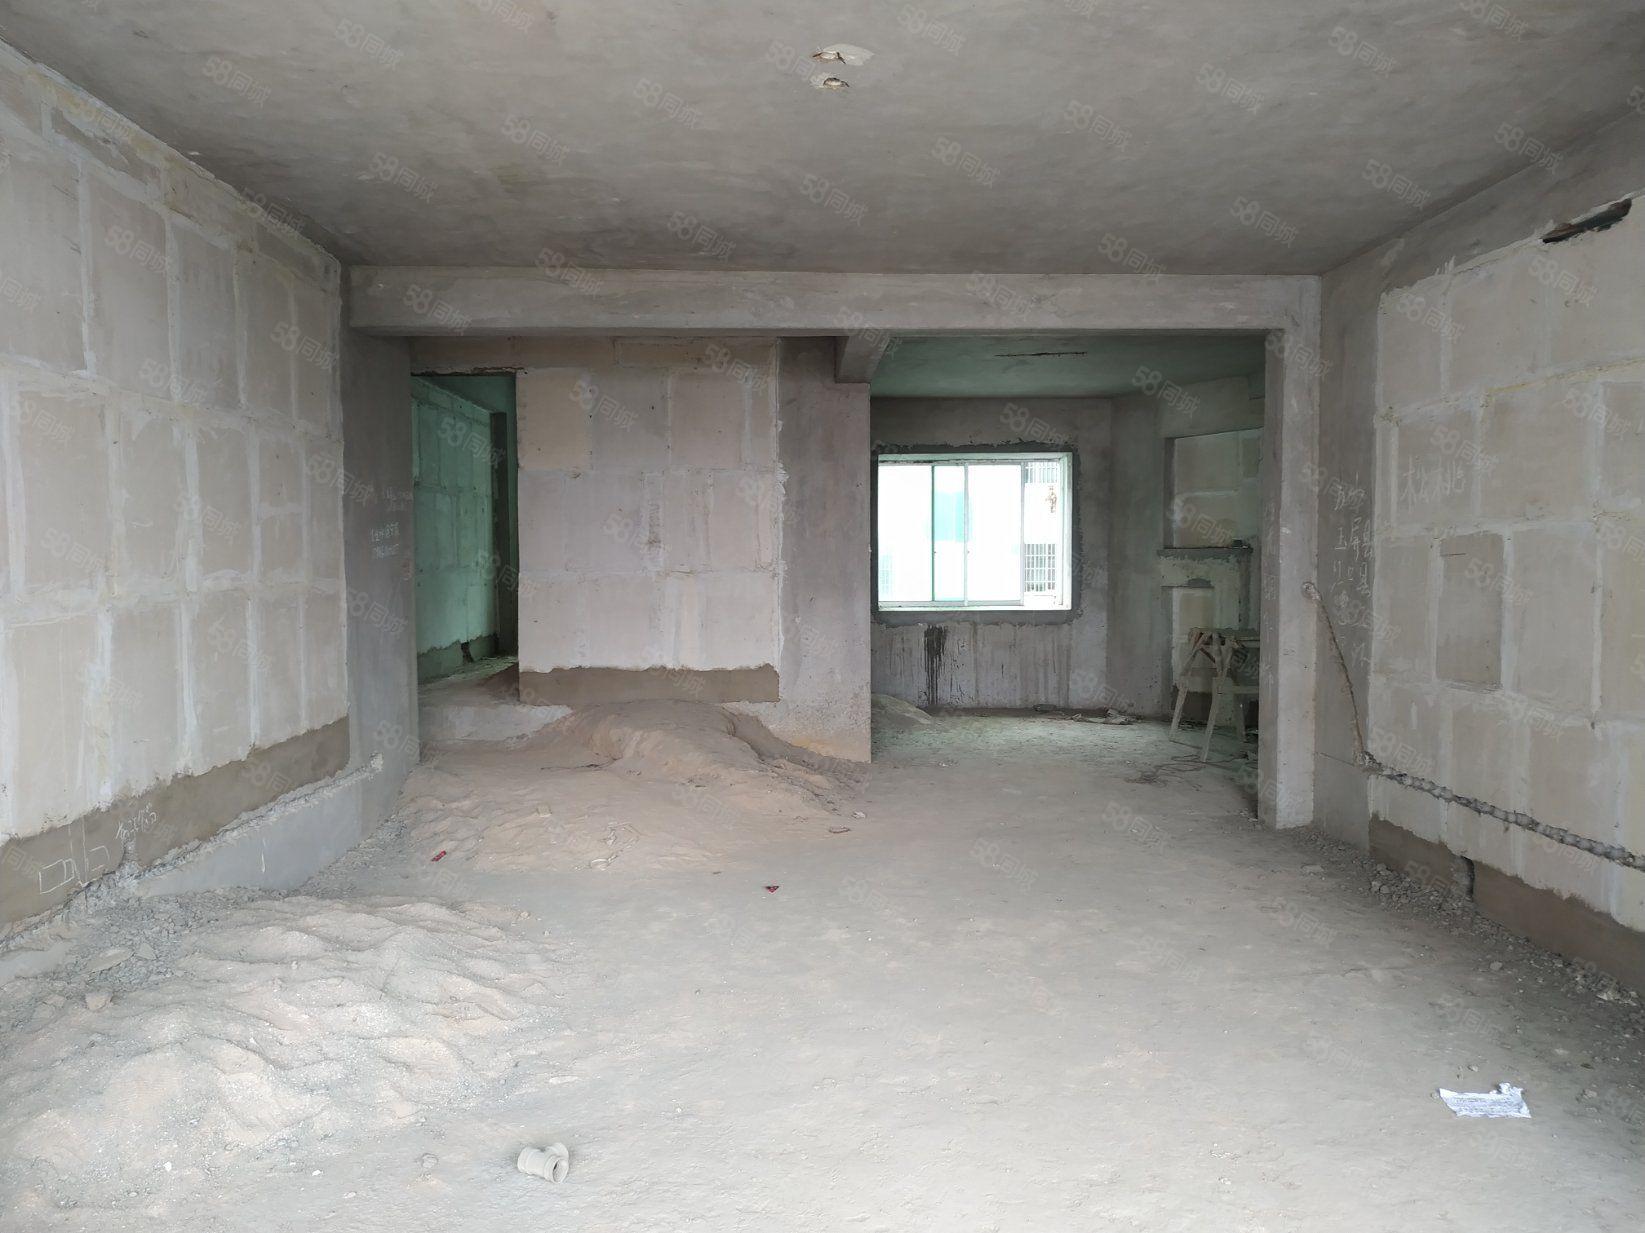 天都旁边喻家坪小区电梯一线江景房出售首付低难得一遇的好房子!